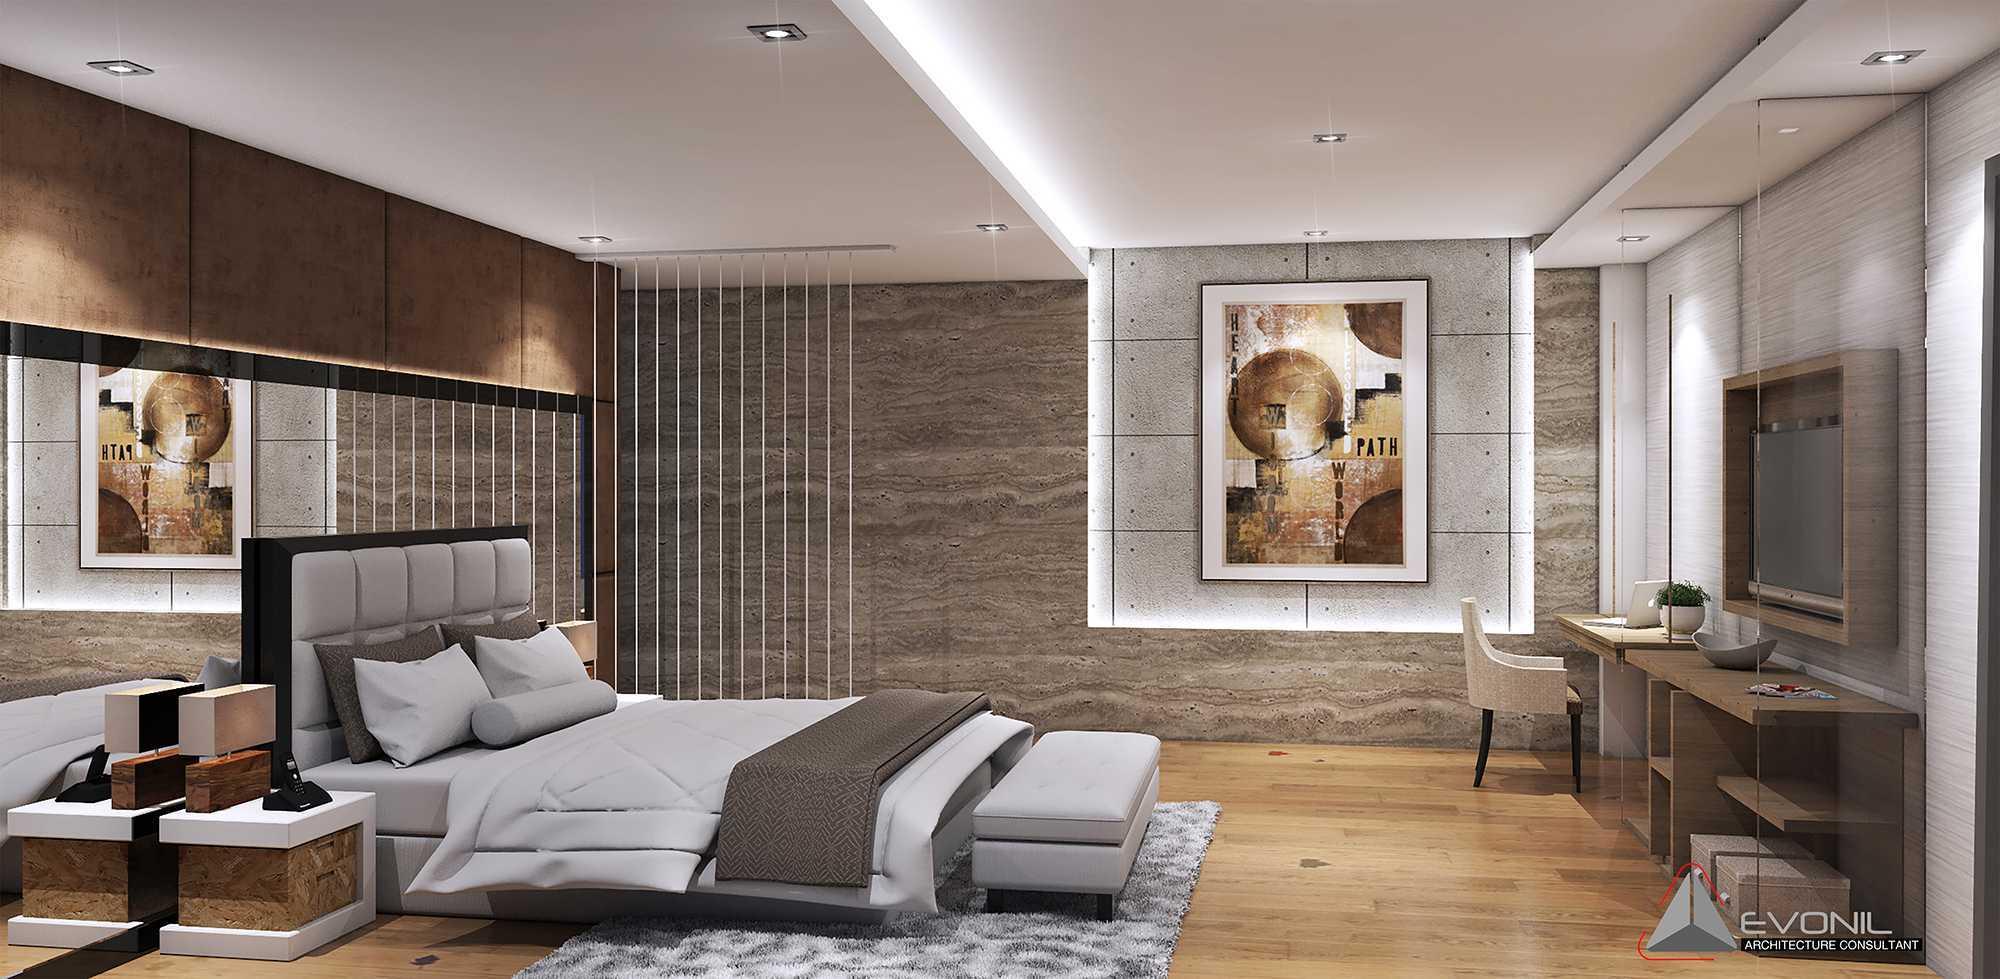 Evonil Architecture Residence Pangkalan Bun Pangkalan Bun, Kalimantan, Indonesia Pangkalan Bun, Kalimantan, Indonesia Bedroom-3-Residence-Pangkalan-Bun Modern  13124